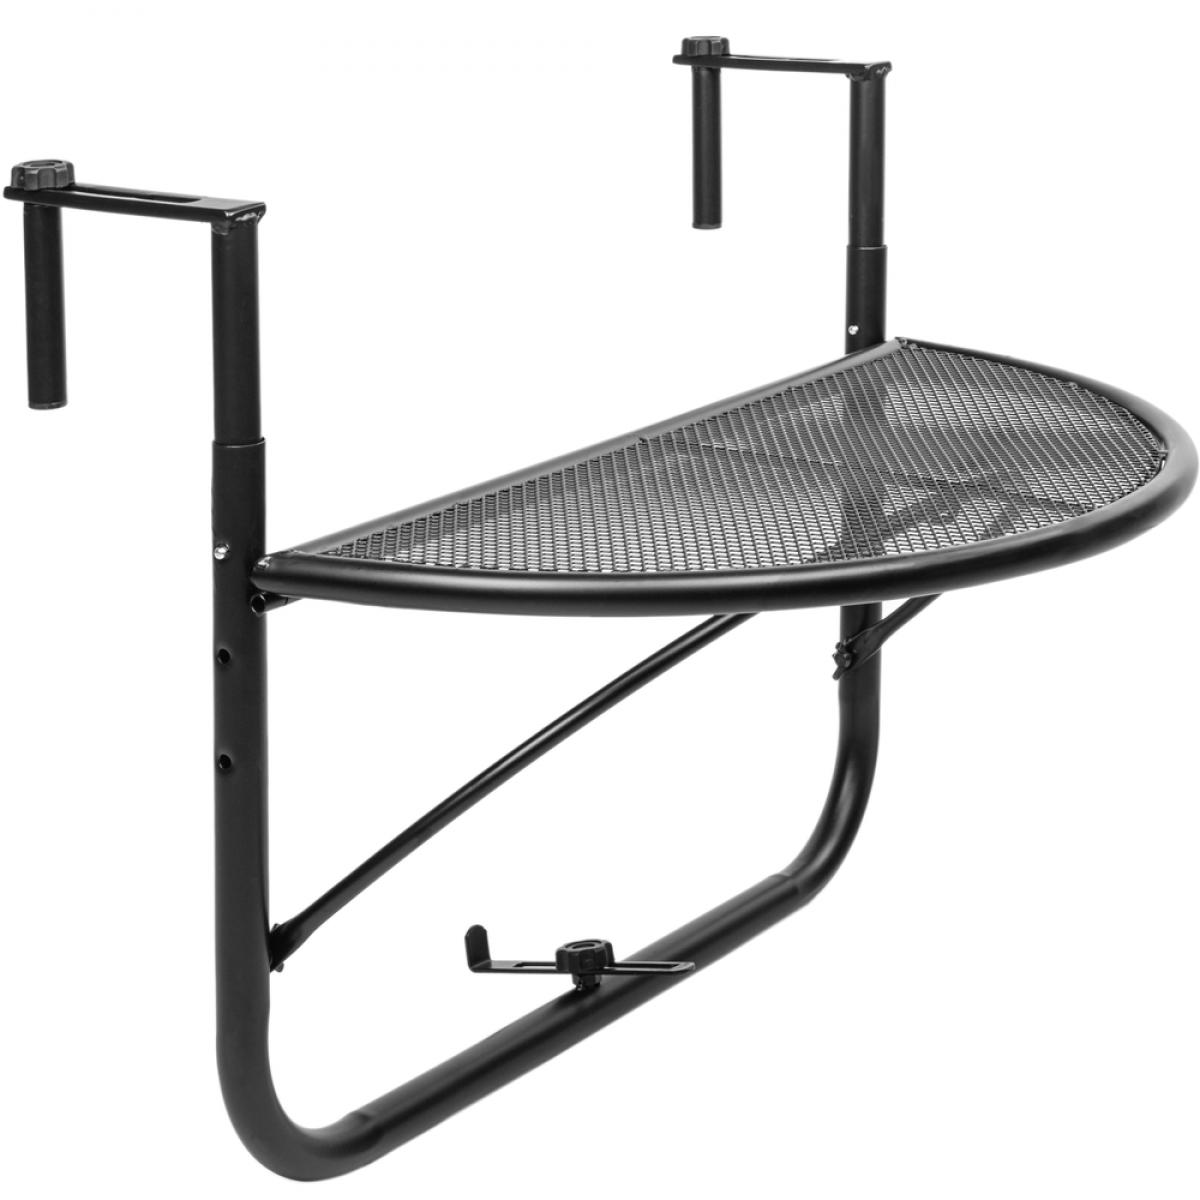 Primematik Table pliante semi-circulaire pour balcon 60x30cm noir